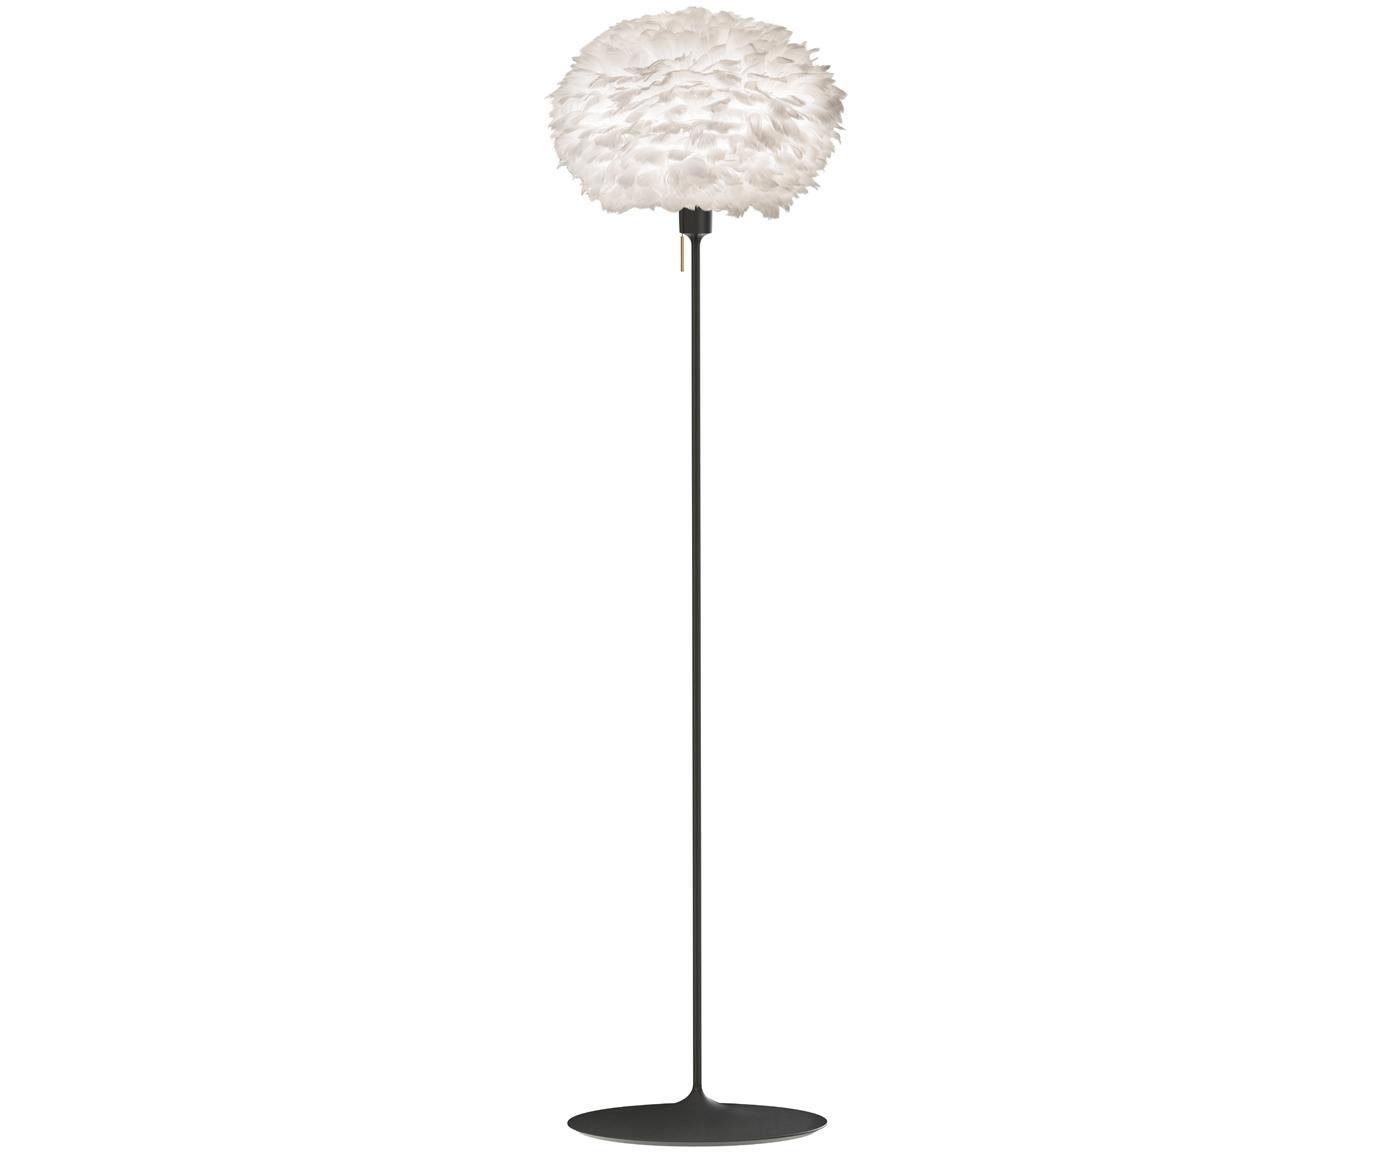 Lampa podłogowa z piór Eos, Biały, czarny, Ø 45 x W 170 cm